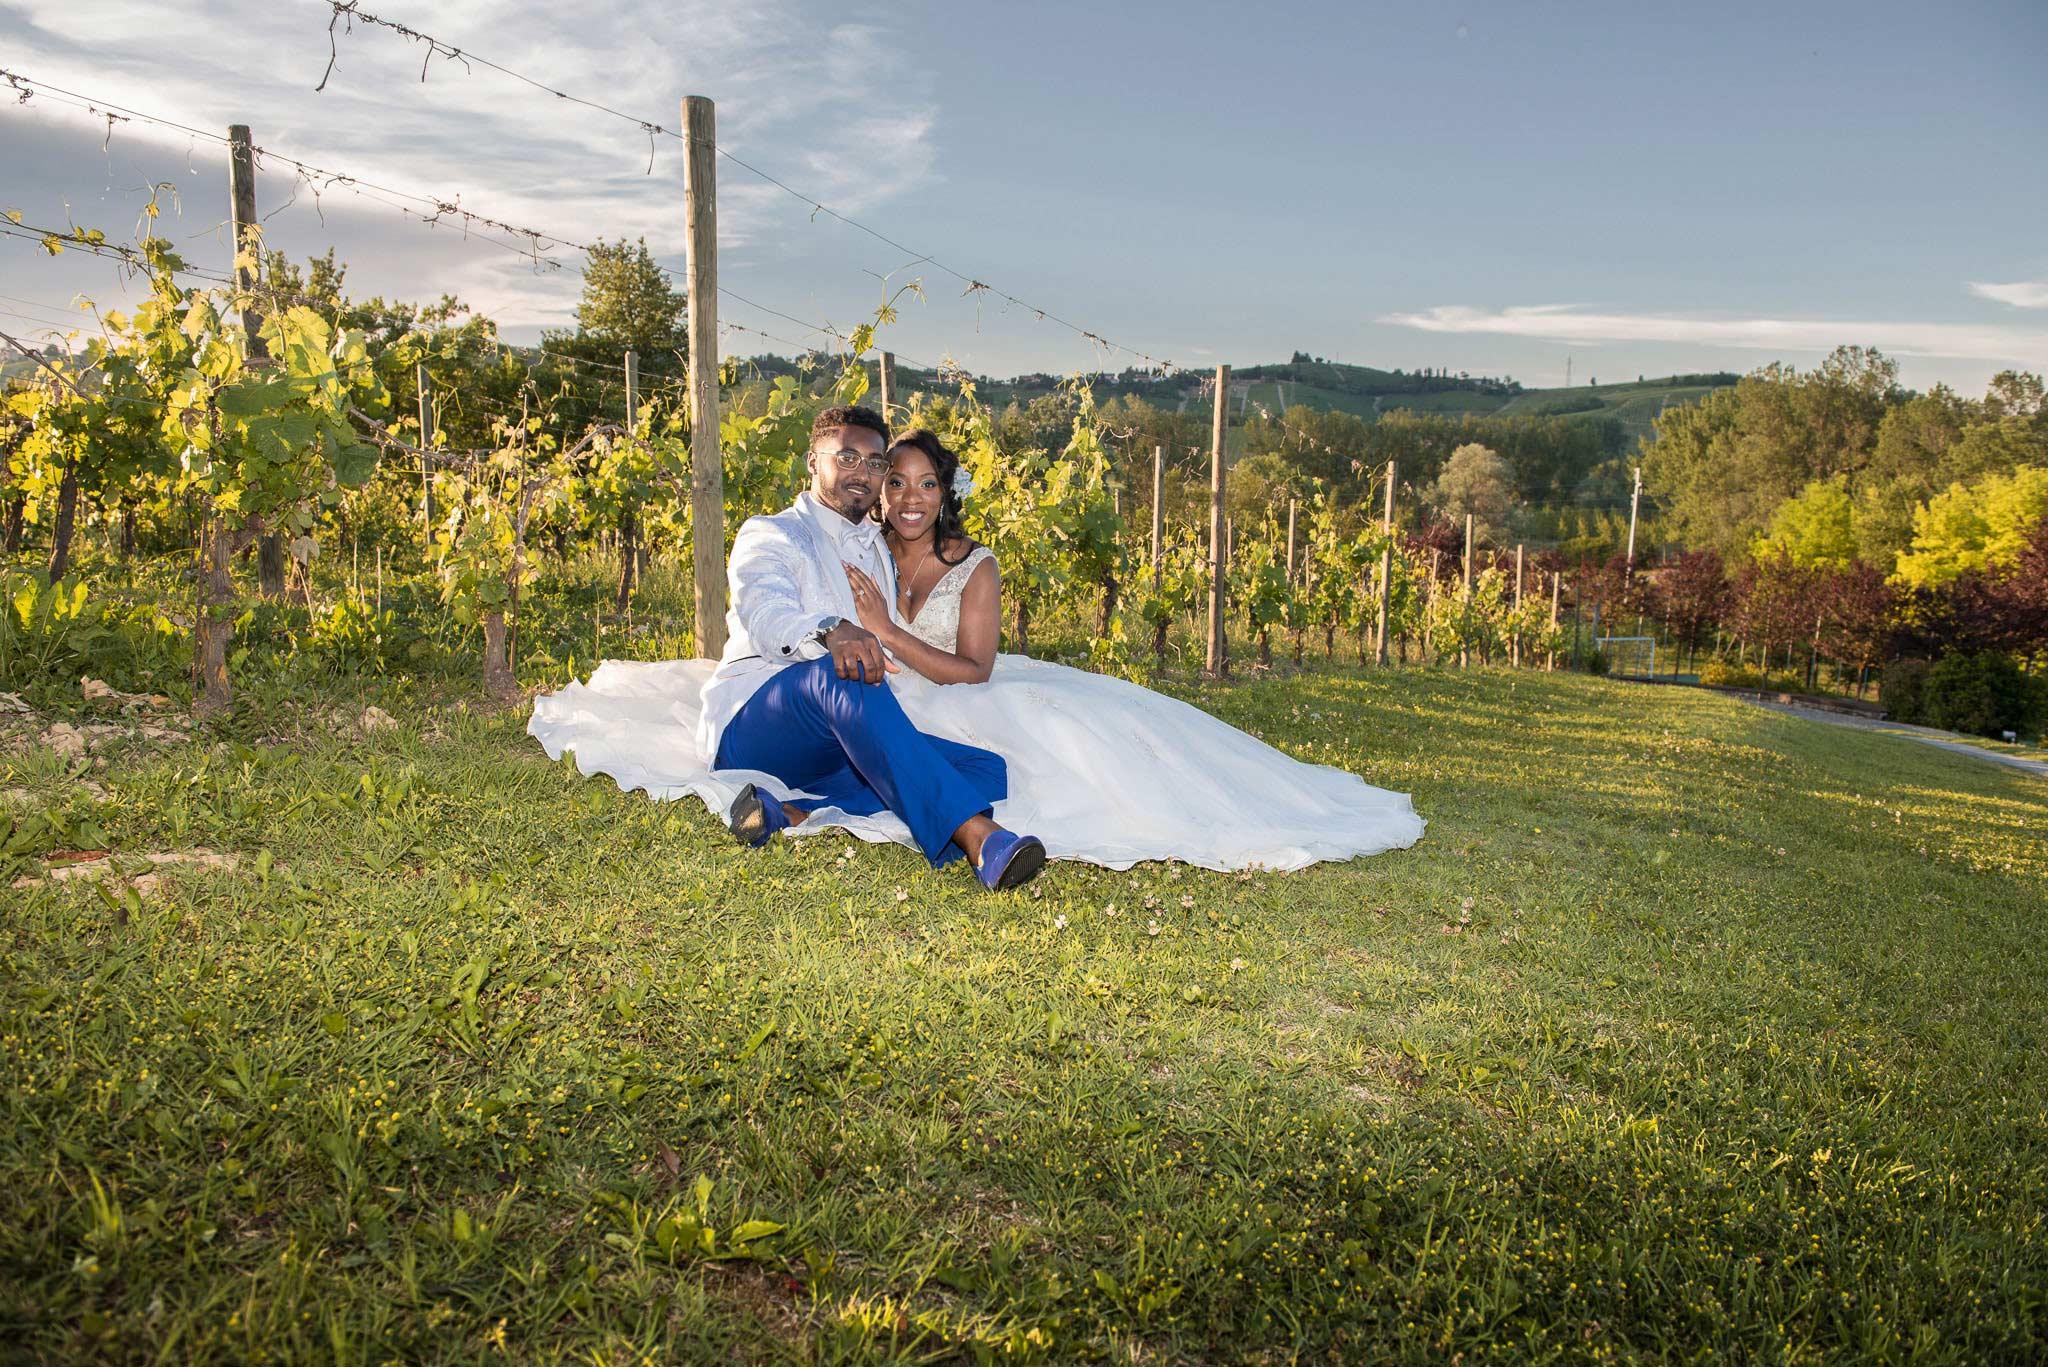 Matrimonio Nel Monferrato Dionne Dale - Wdding Matrimono Emanuele Tibaldi Fotografo 33 - Matrimonio-in-vigna - Matrimonio-in-vigna